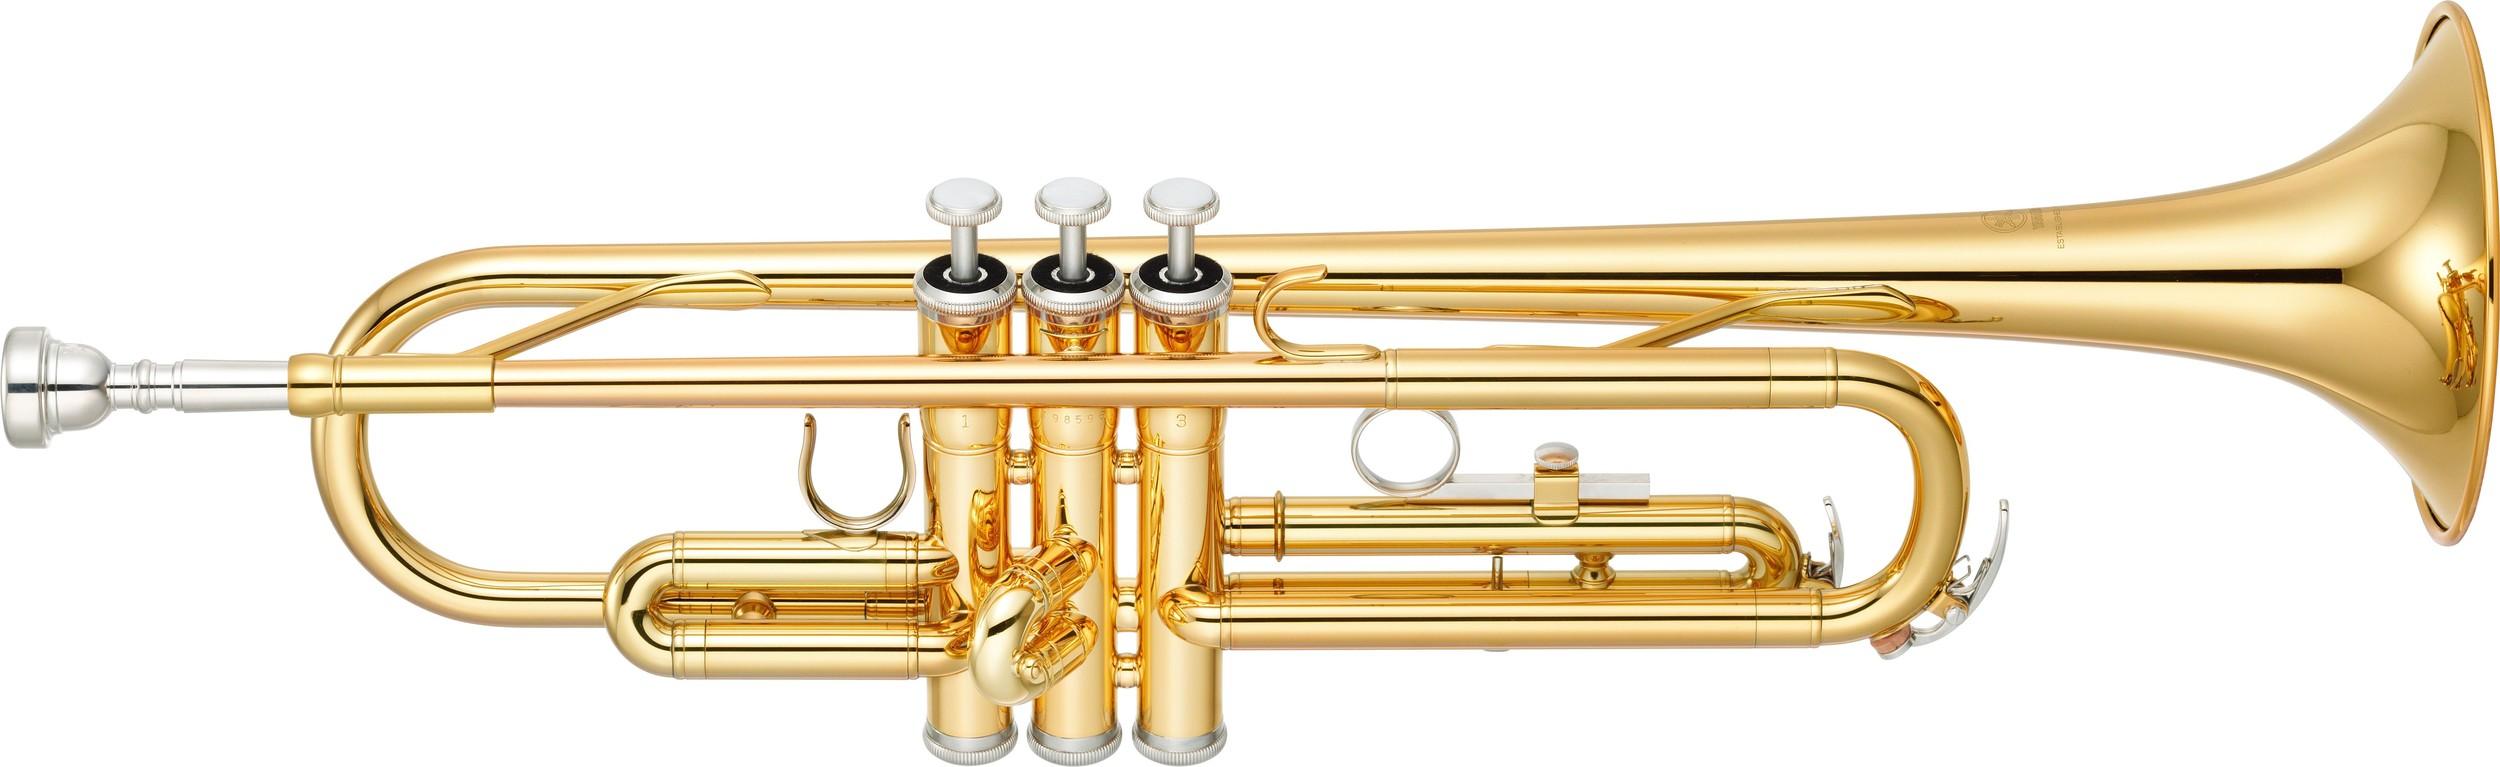 Trumpet YTR 2330